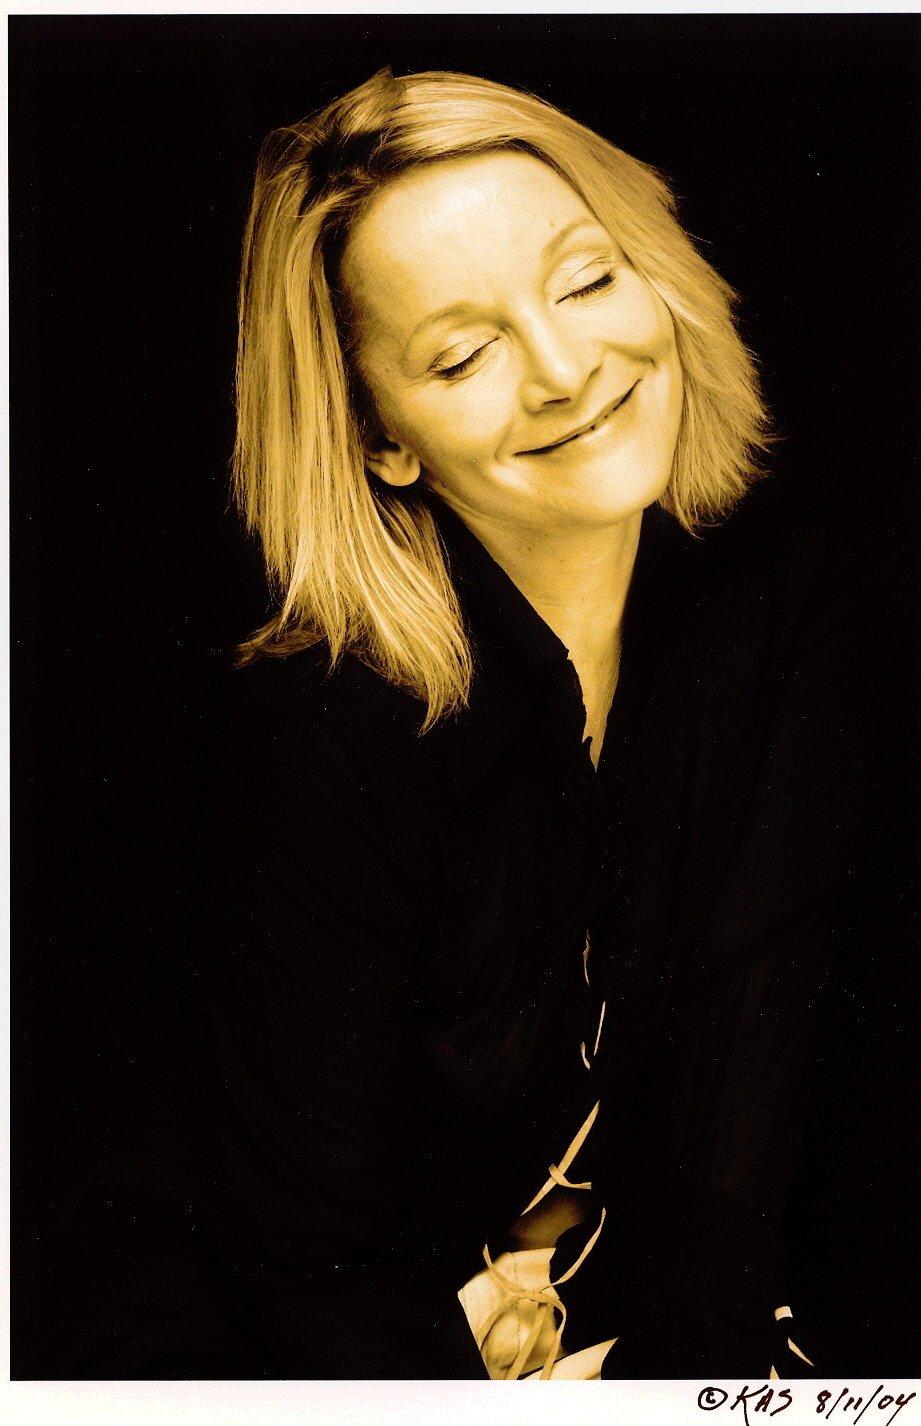 Isidora Goreshter,Patricia Hilliard (actress) XXX fotos Maria Ford,Kathryn Drysdale